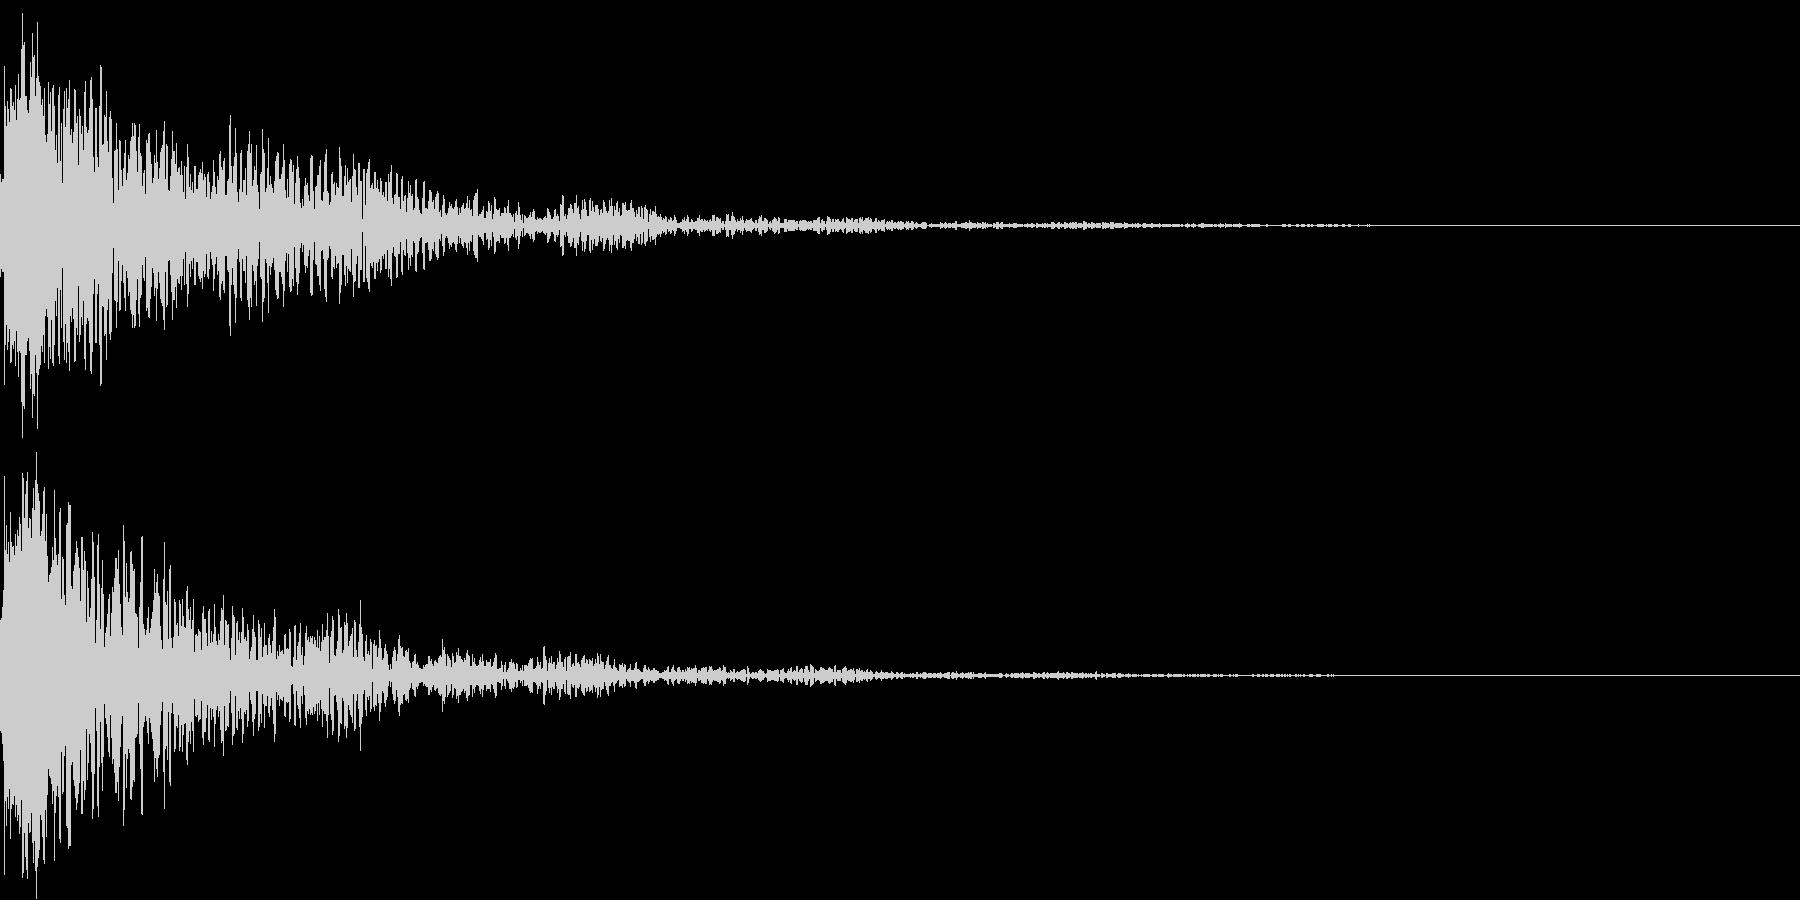 太鼓と鼓の和風インパクトジングル!02の未再生の波形